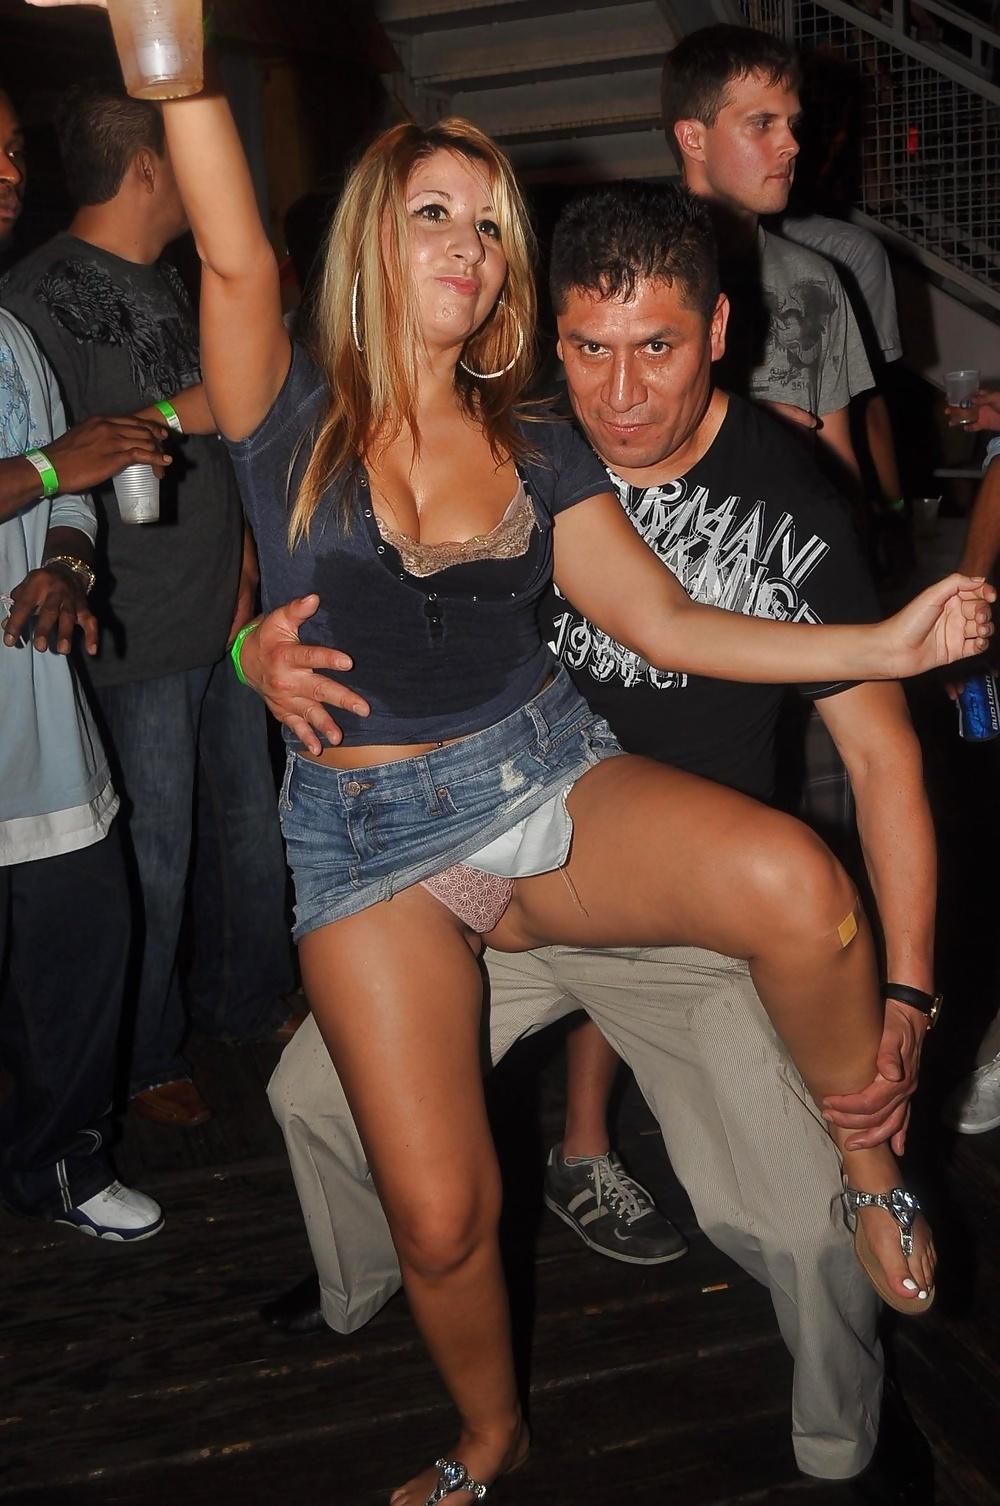 засветы звезд на вечеринках под юбкой порнография